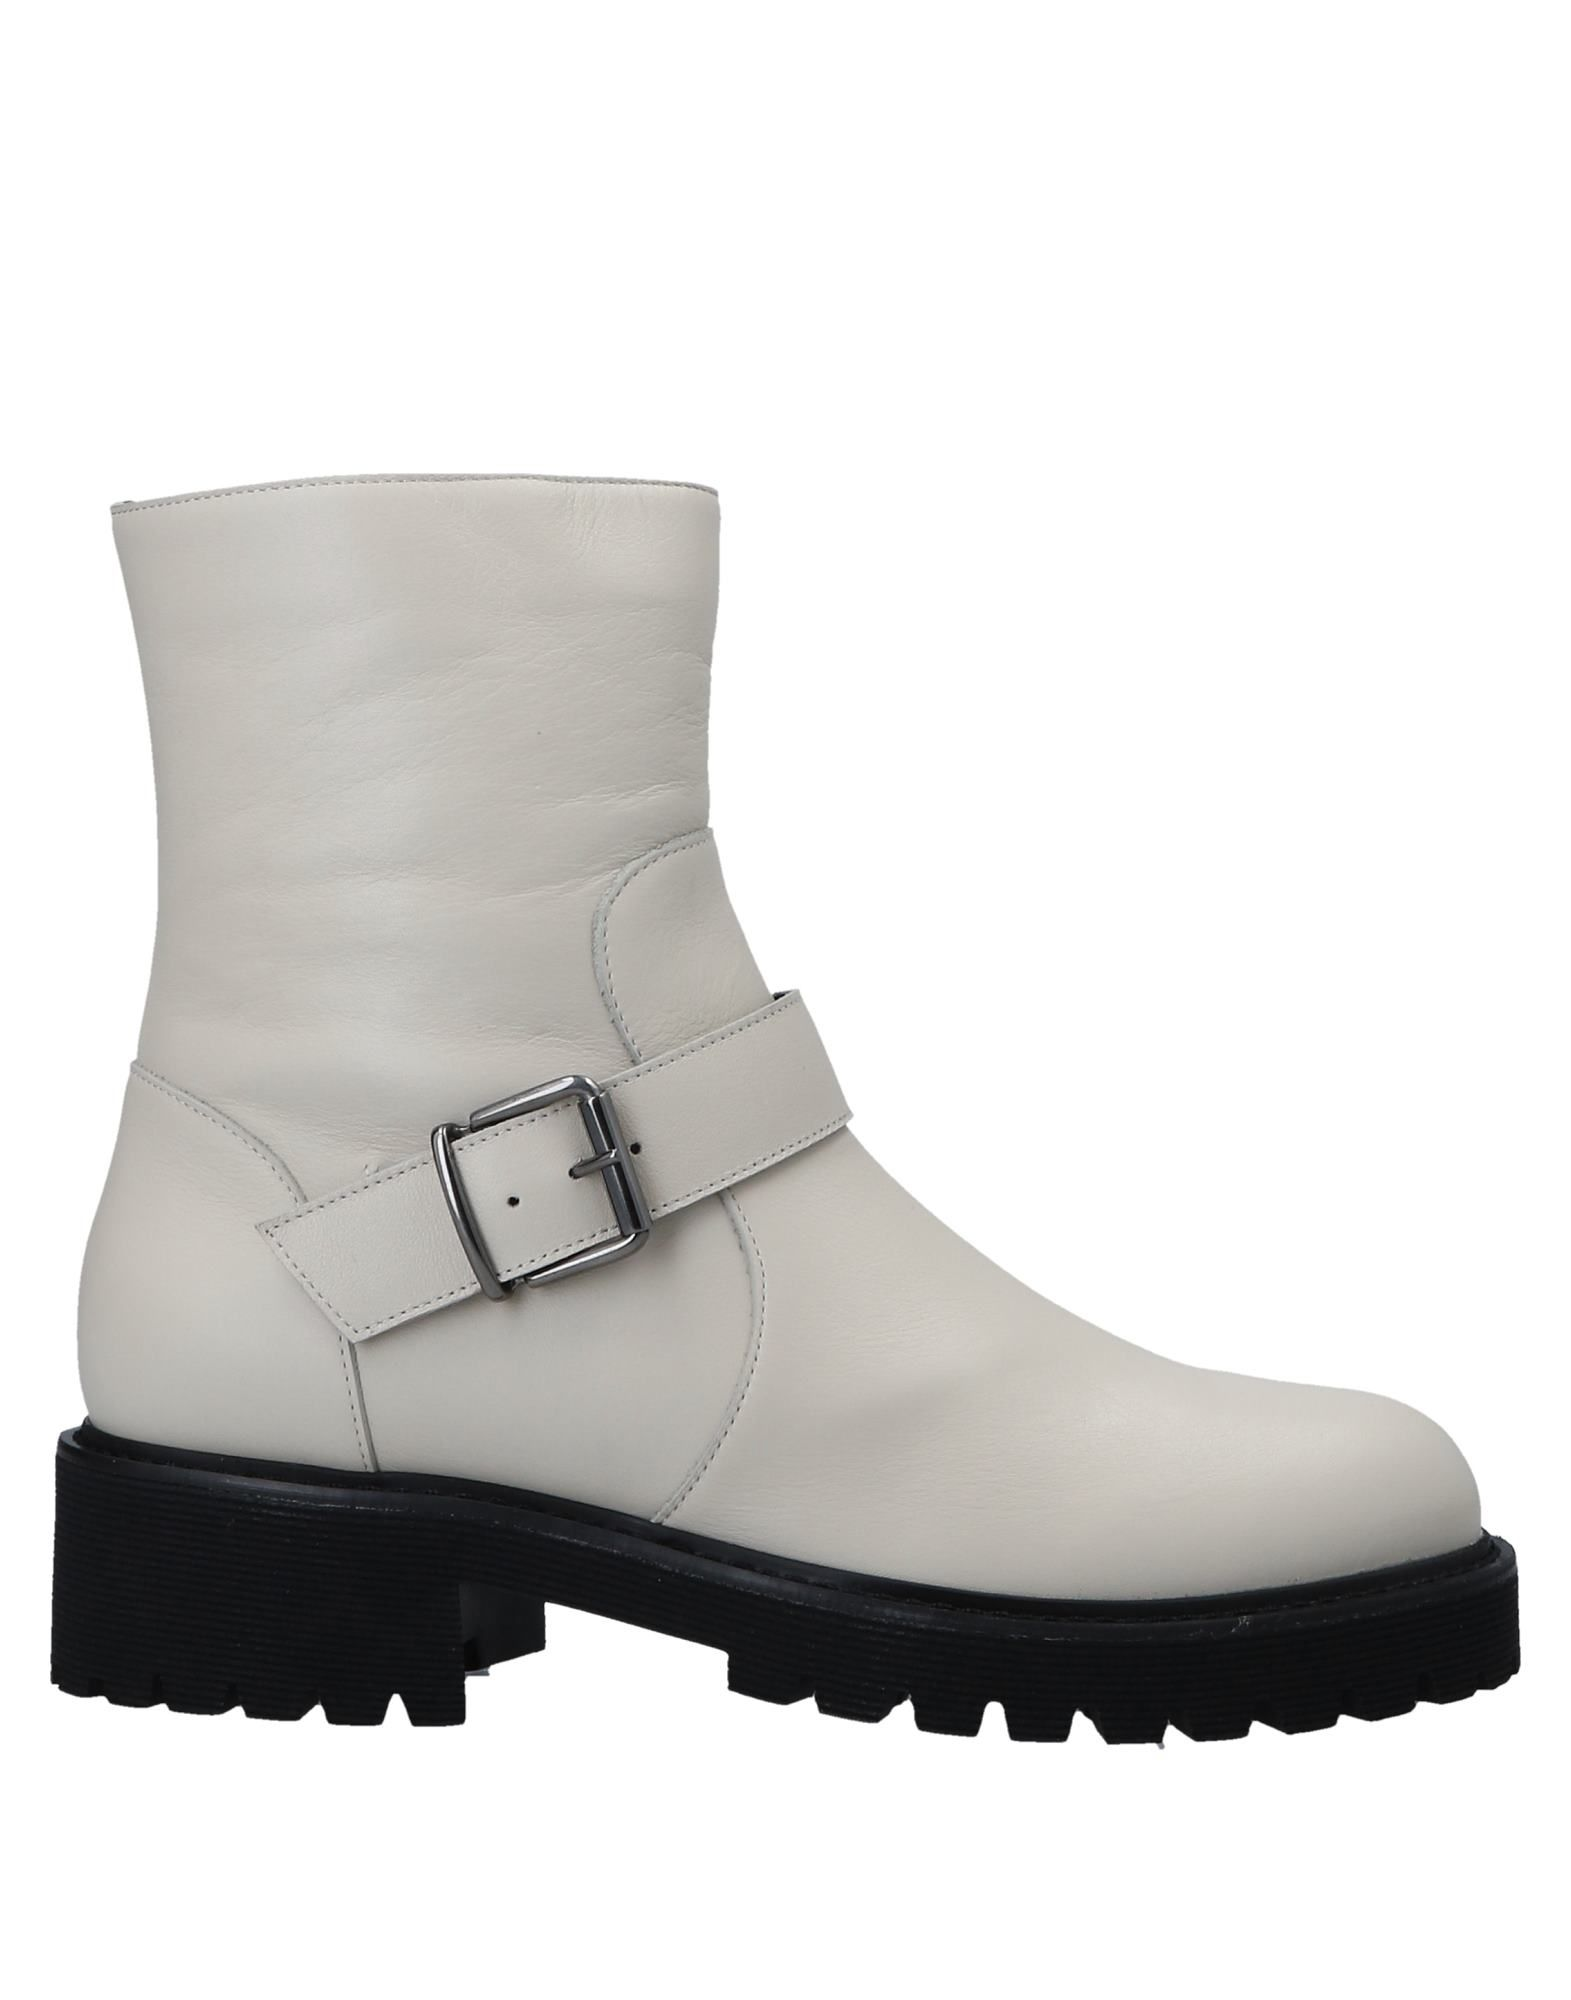 Giuseppe Zanotti Stiefelette Damen  11545700PMGünstige gut aussehende Schuhe